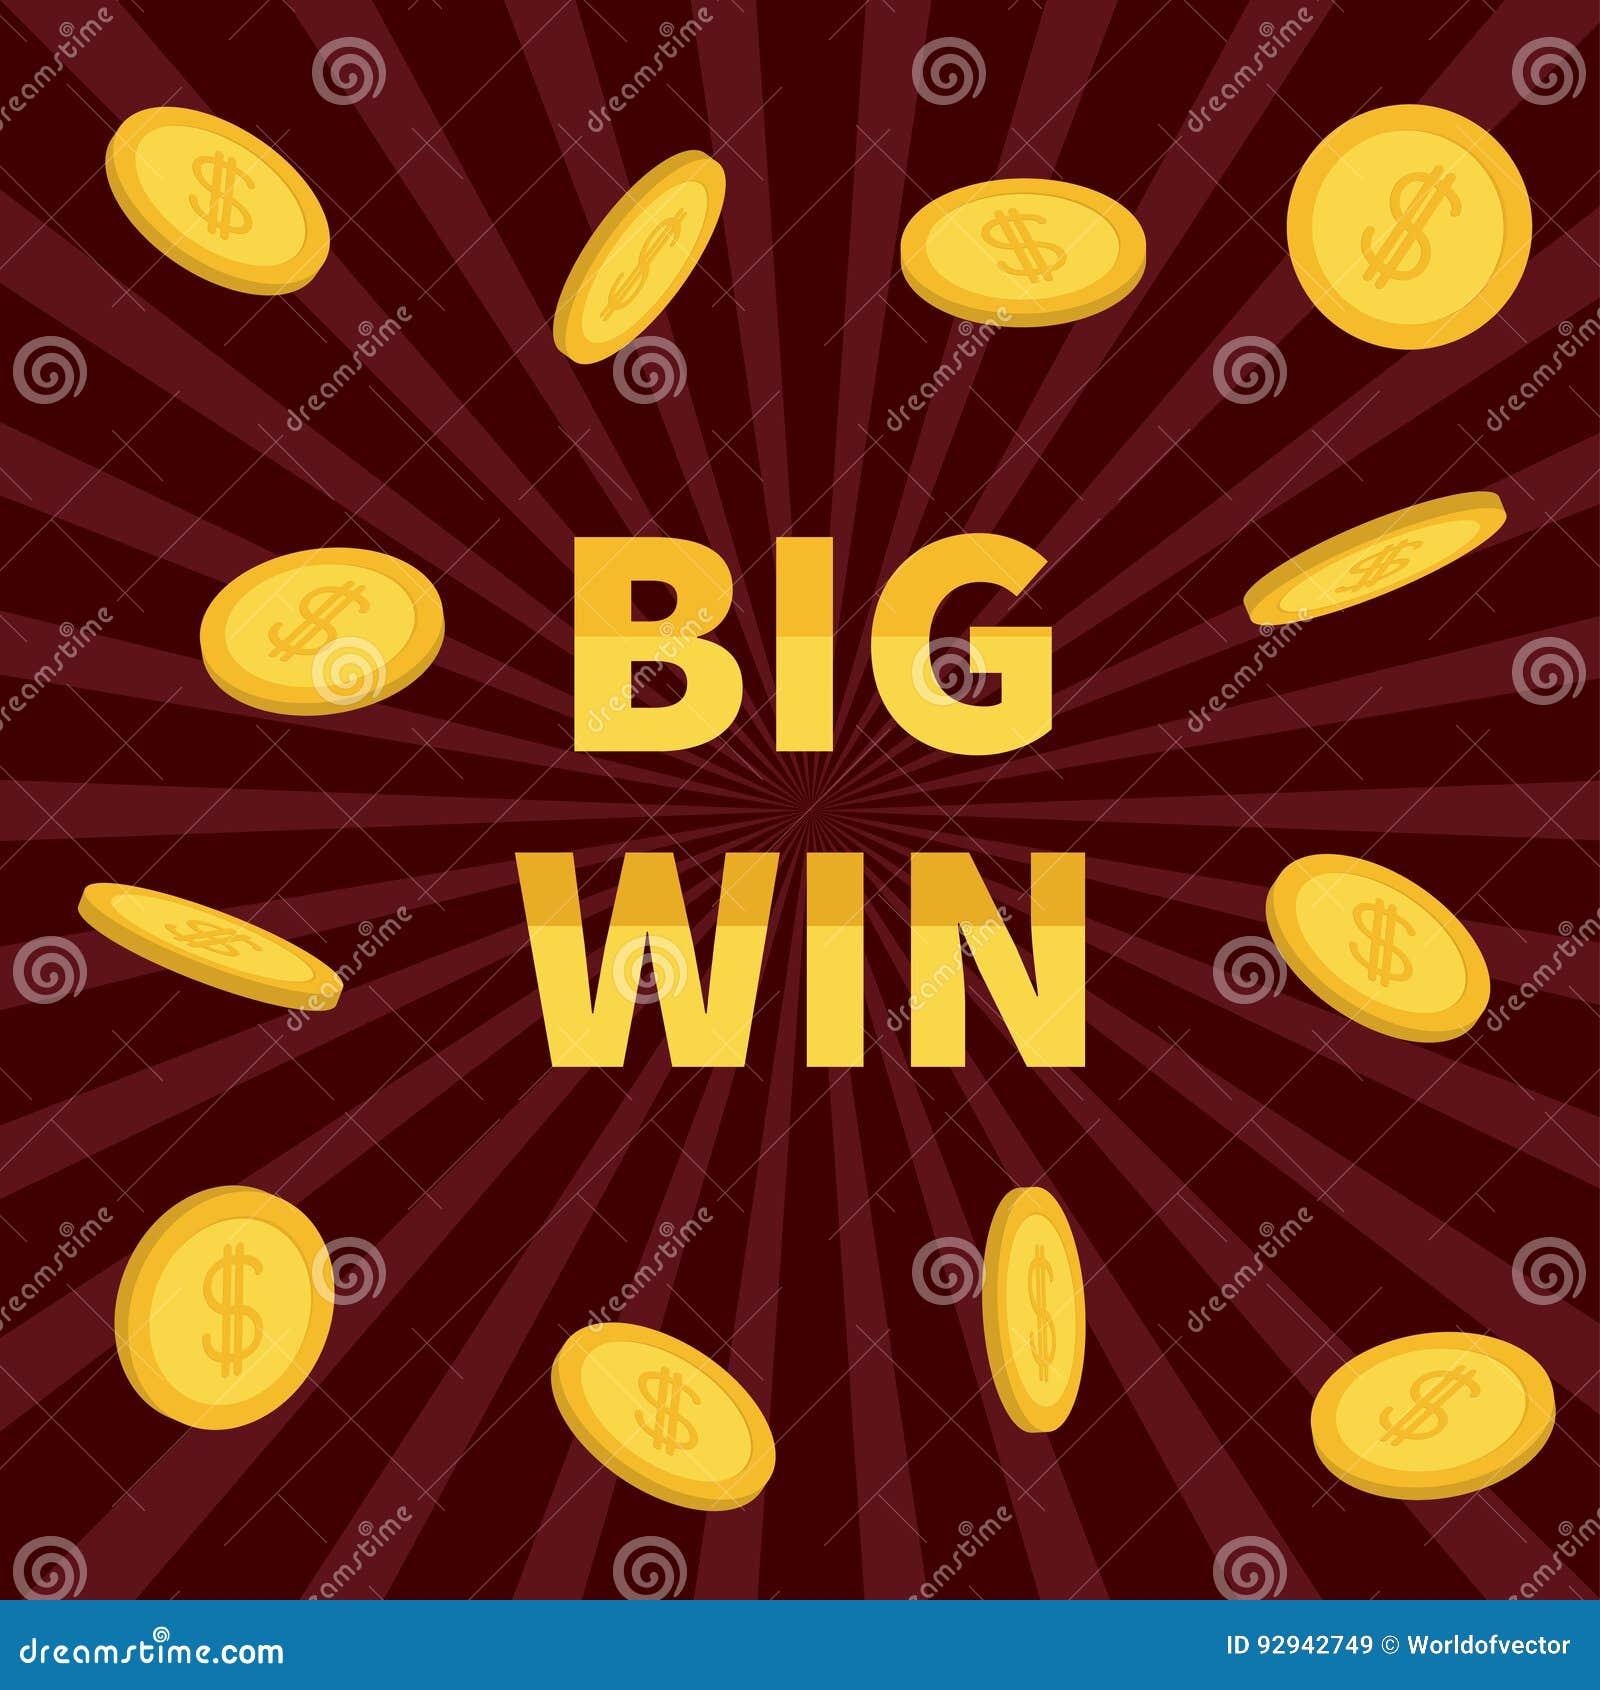 Win a -179971